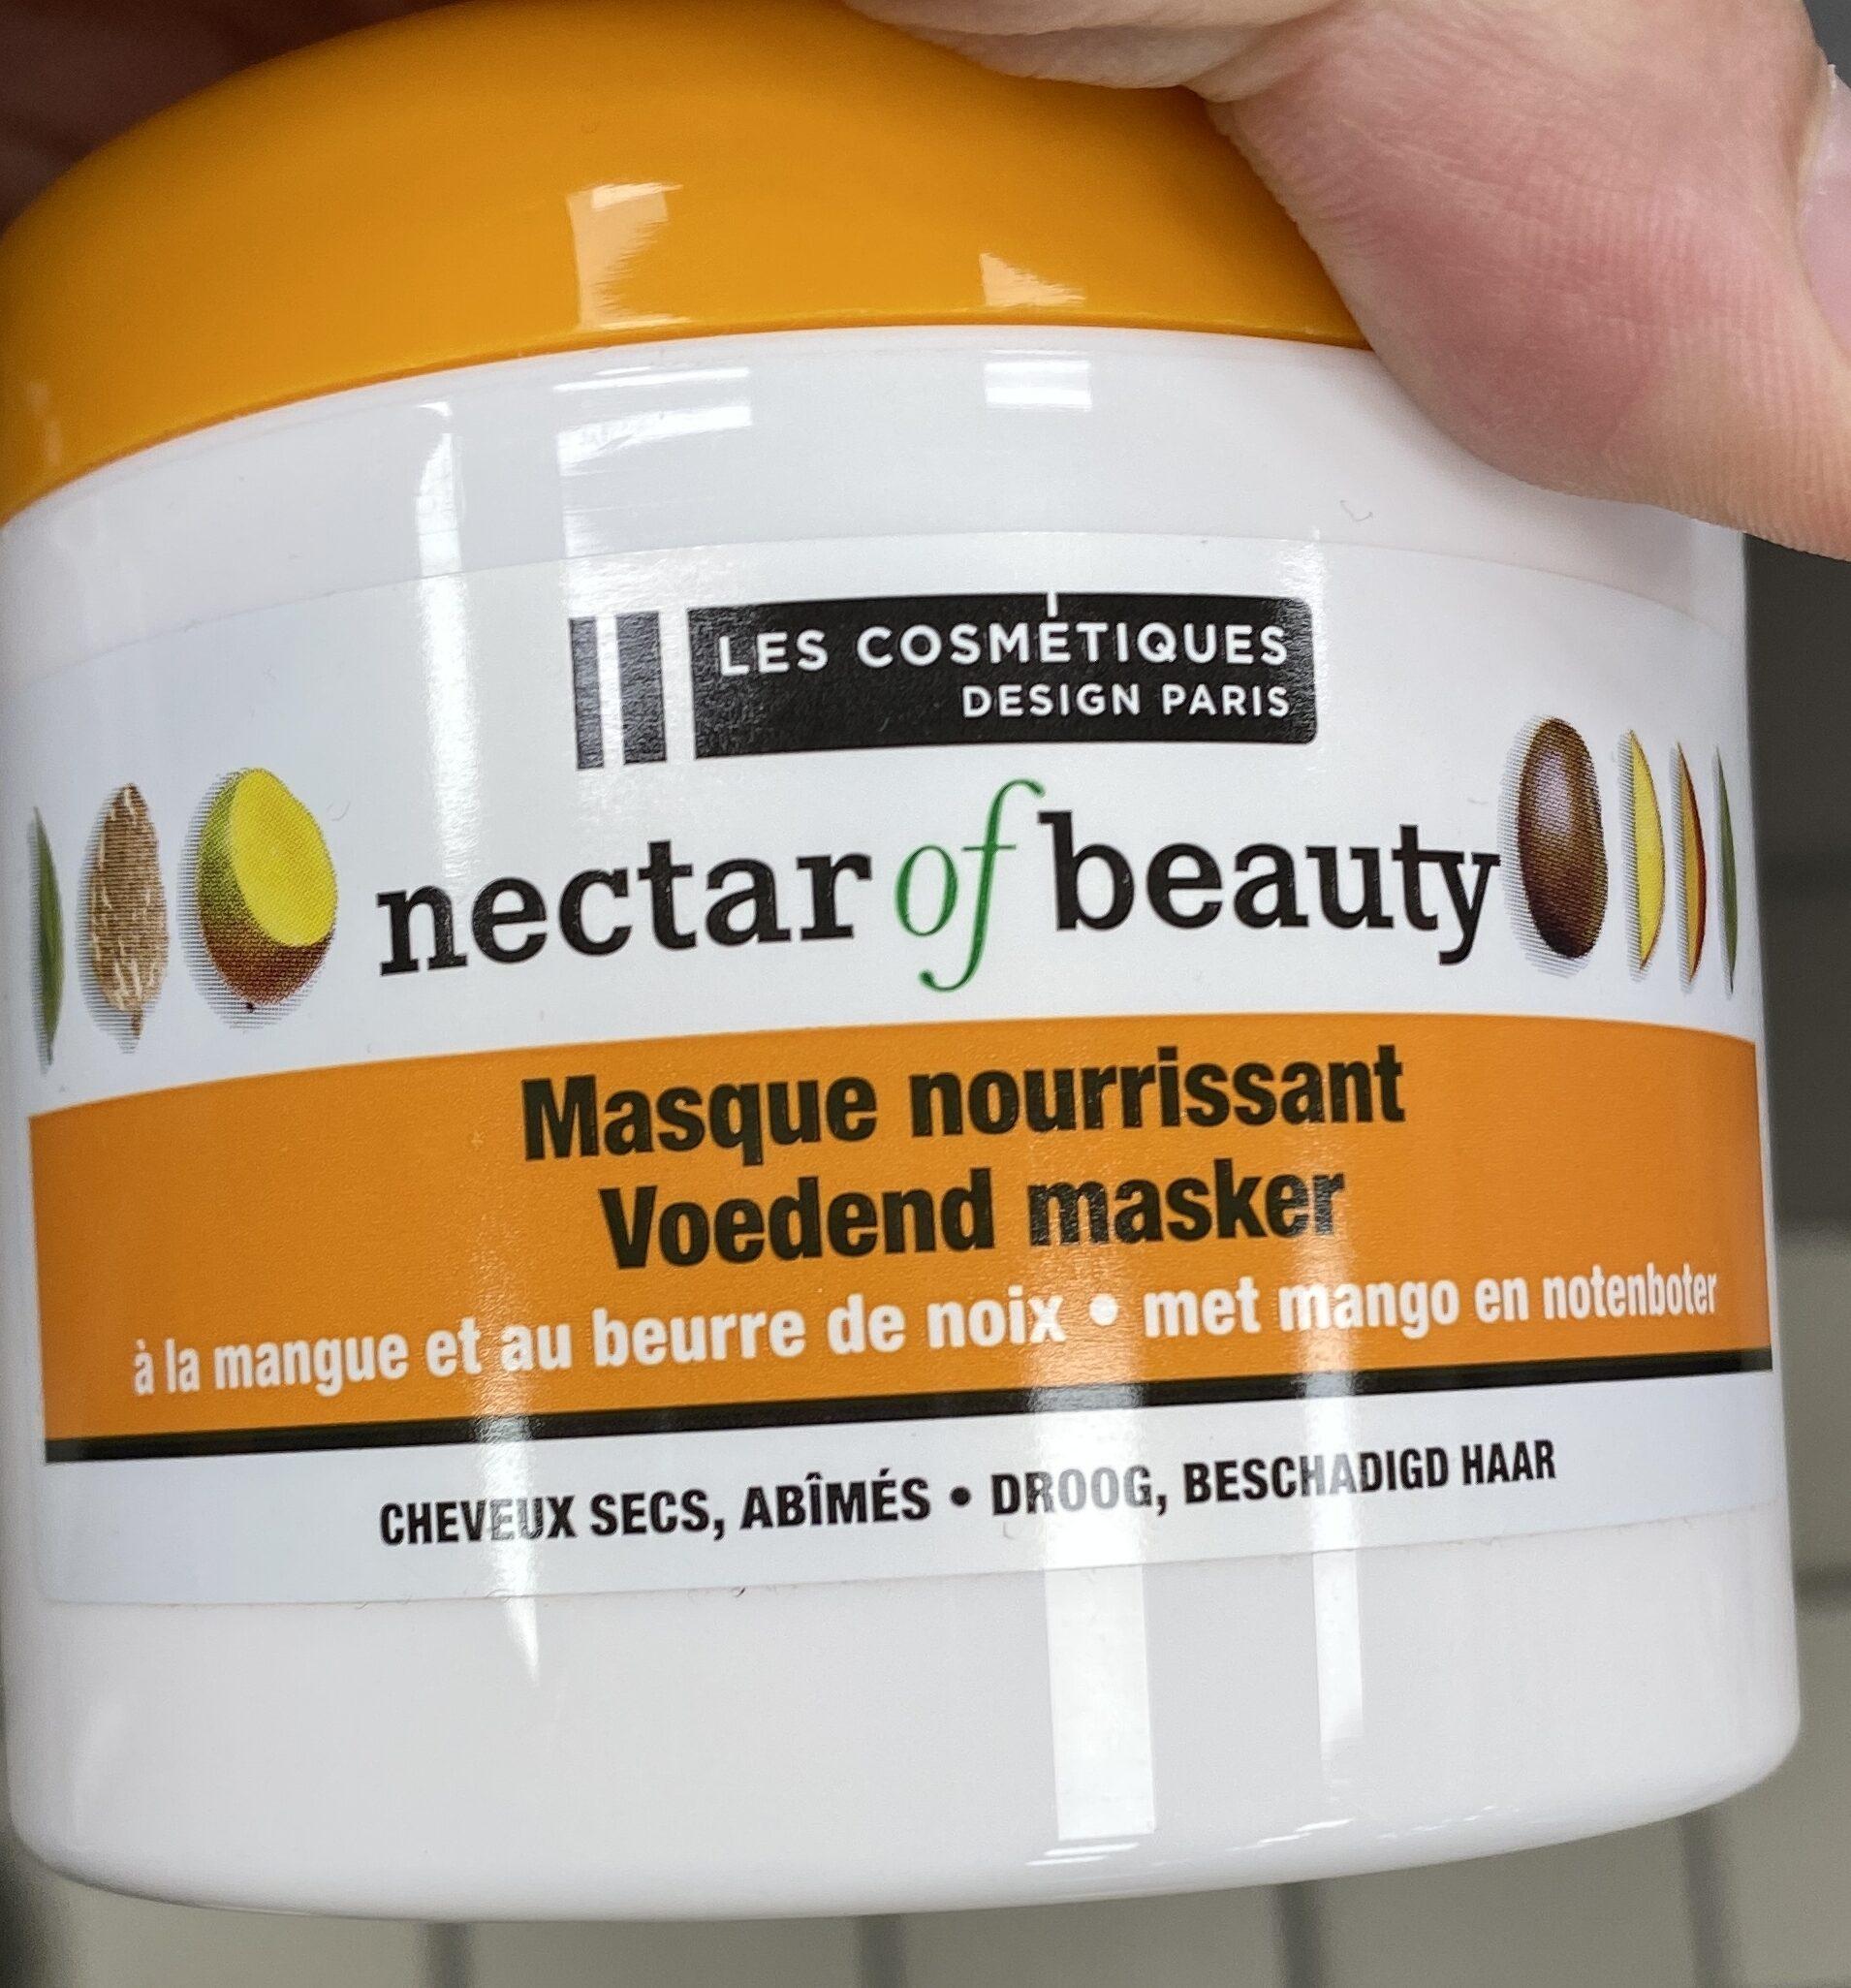 Masque nourrissant à la mangue et au beurre de noix - Product - fr